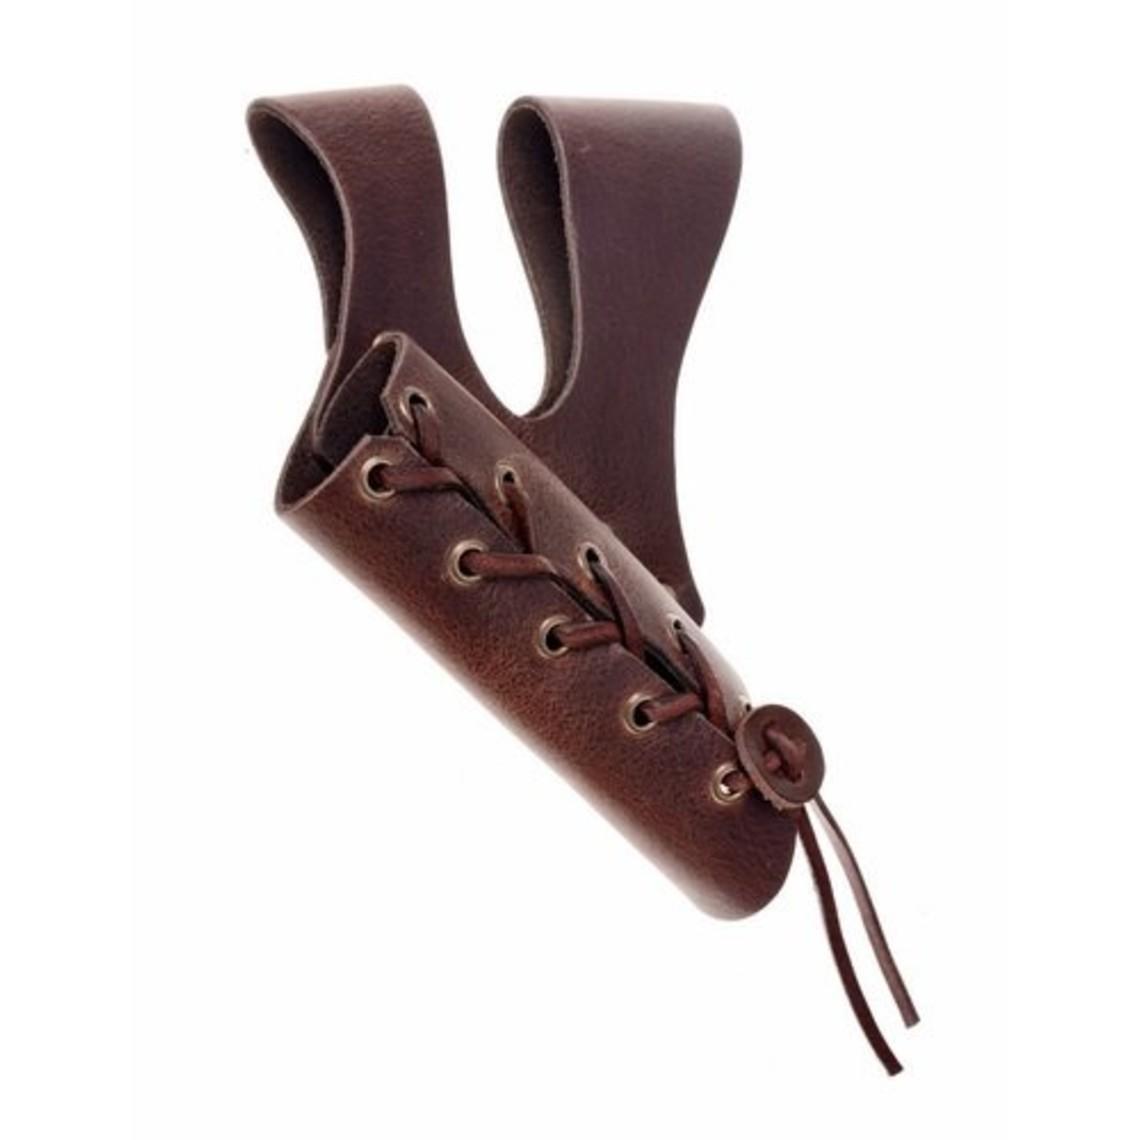 Porte épée à double boucle de ceinture, brun